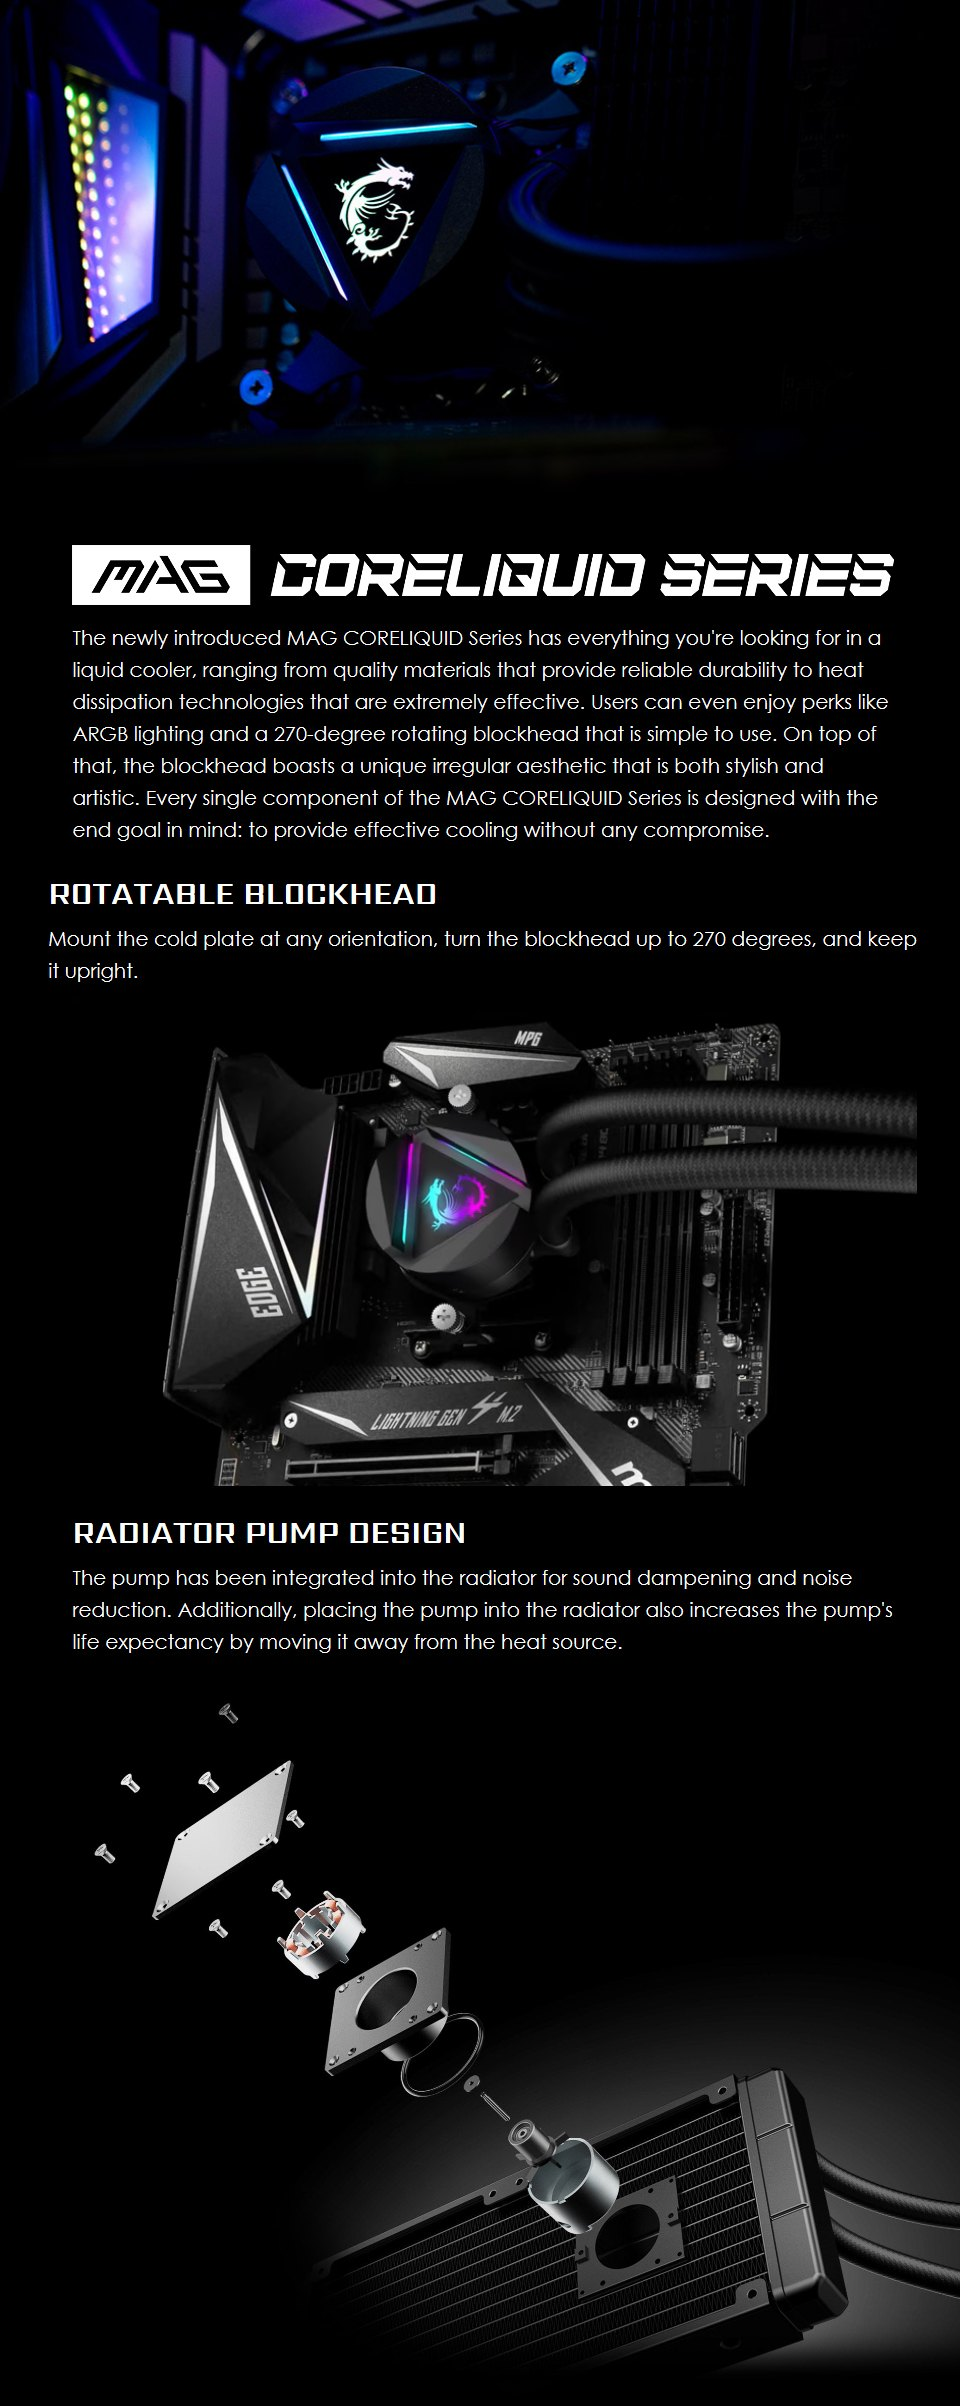 MSI MAG CORELIQUID 240R AIO Liquid CPU Cooler features